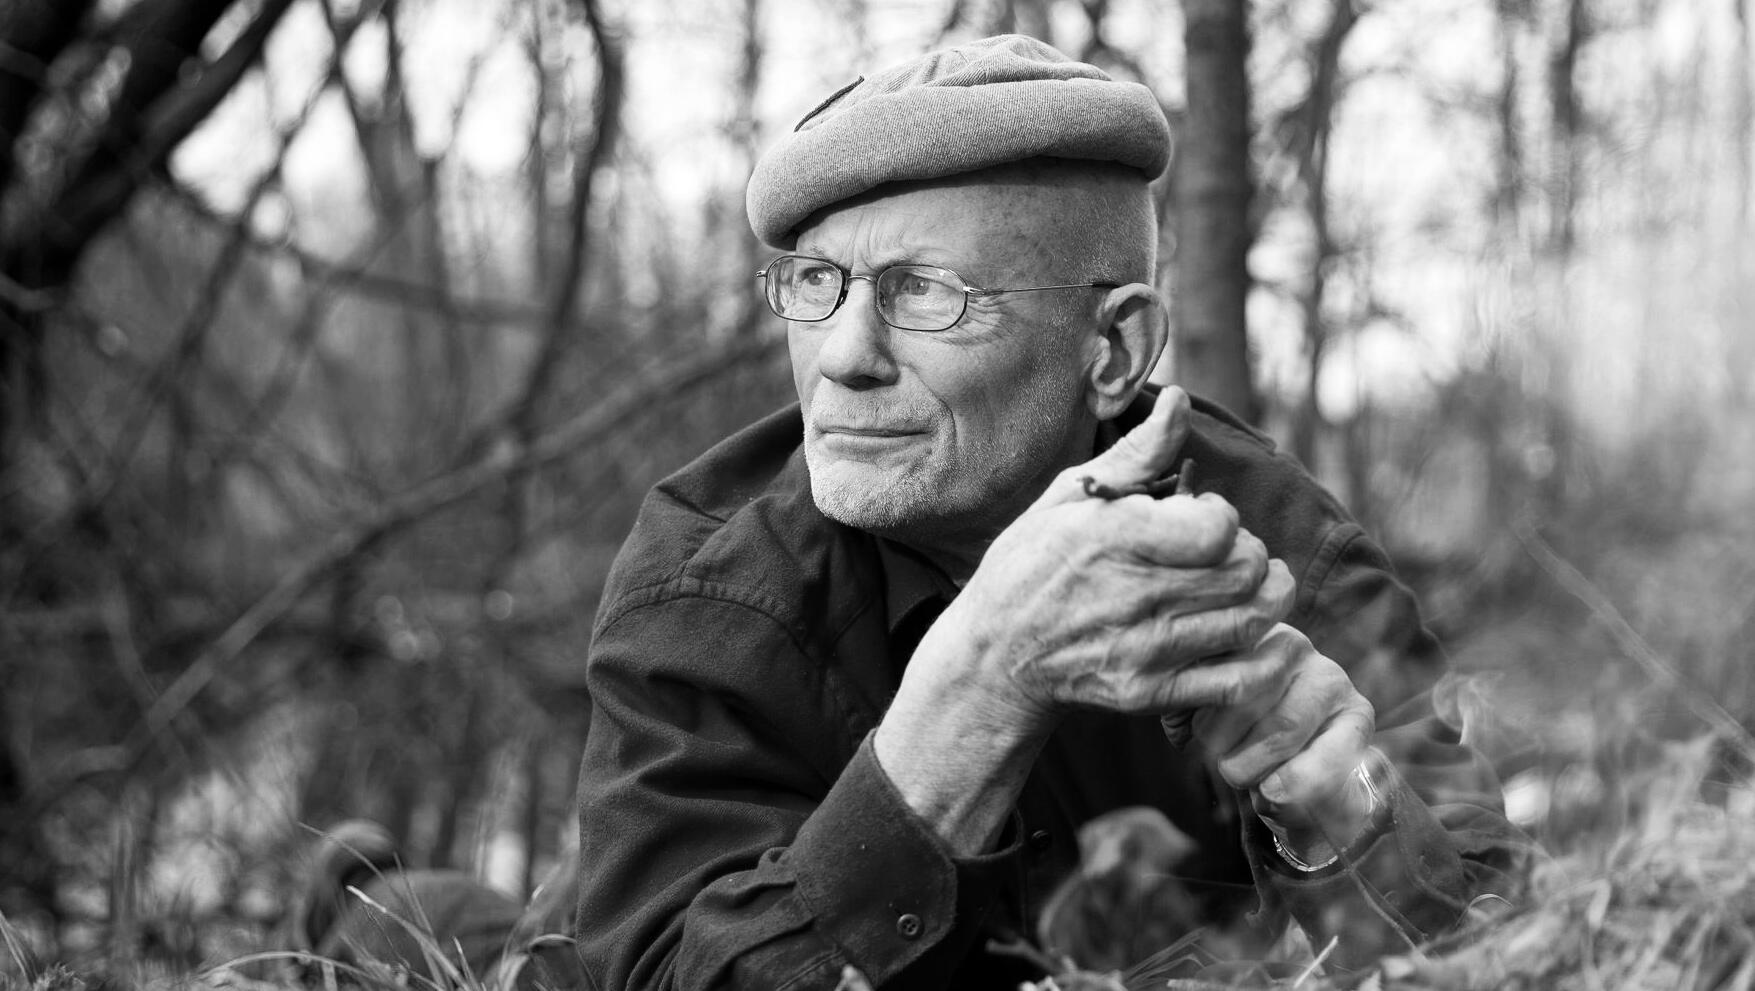 Bild zu Abenteurer und Aktivist Rüdiger Nehberg mit 84 Jahren gestorben